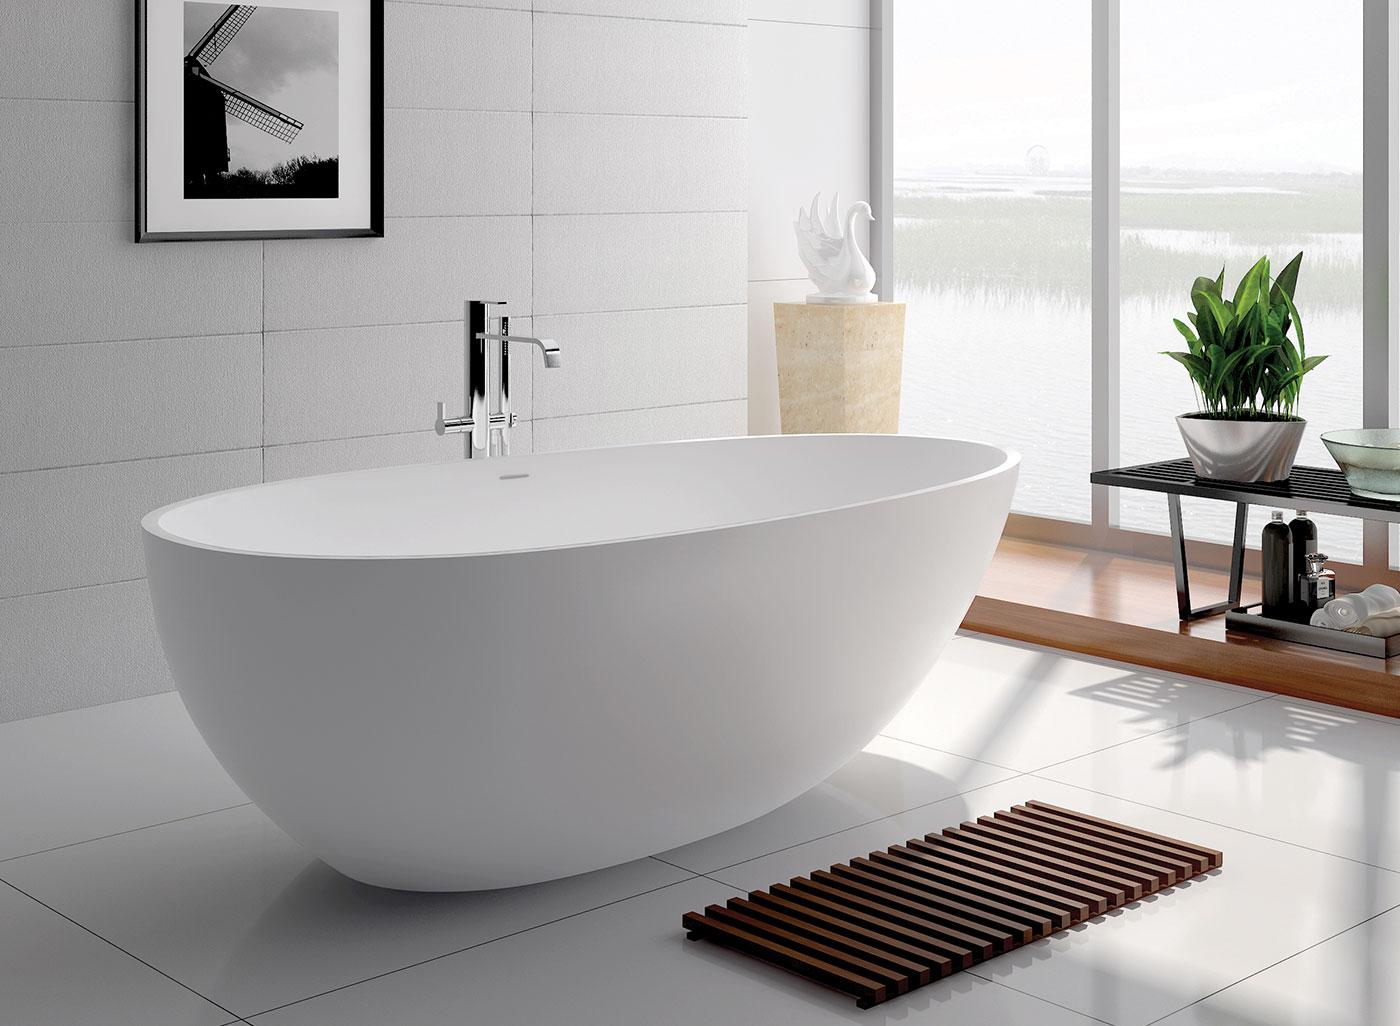 - Captivating asymetrical design